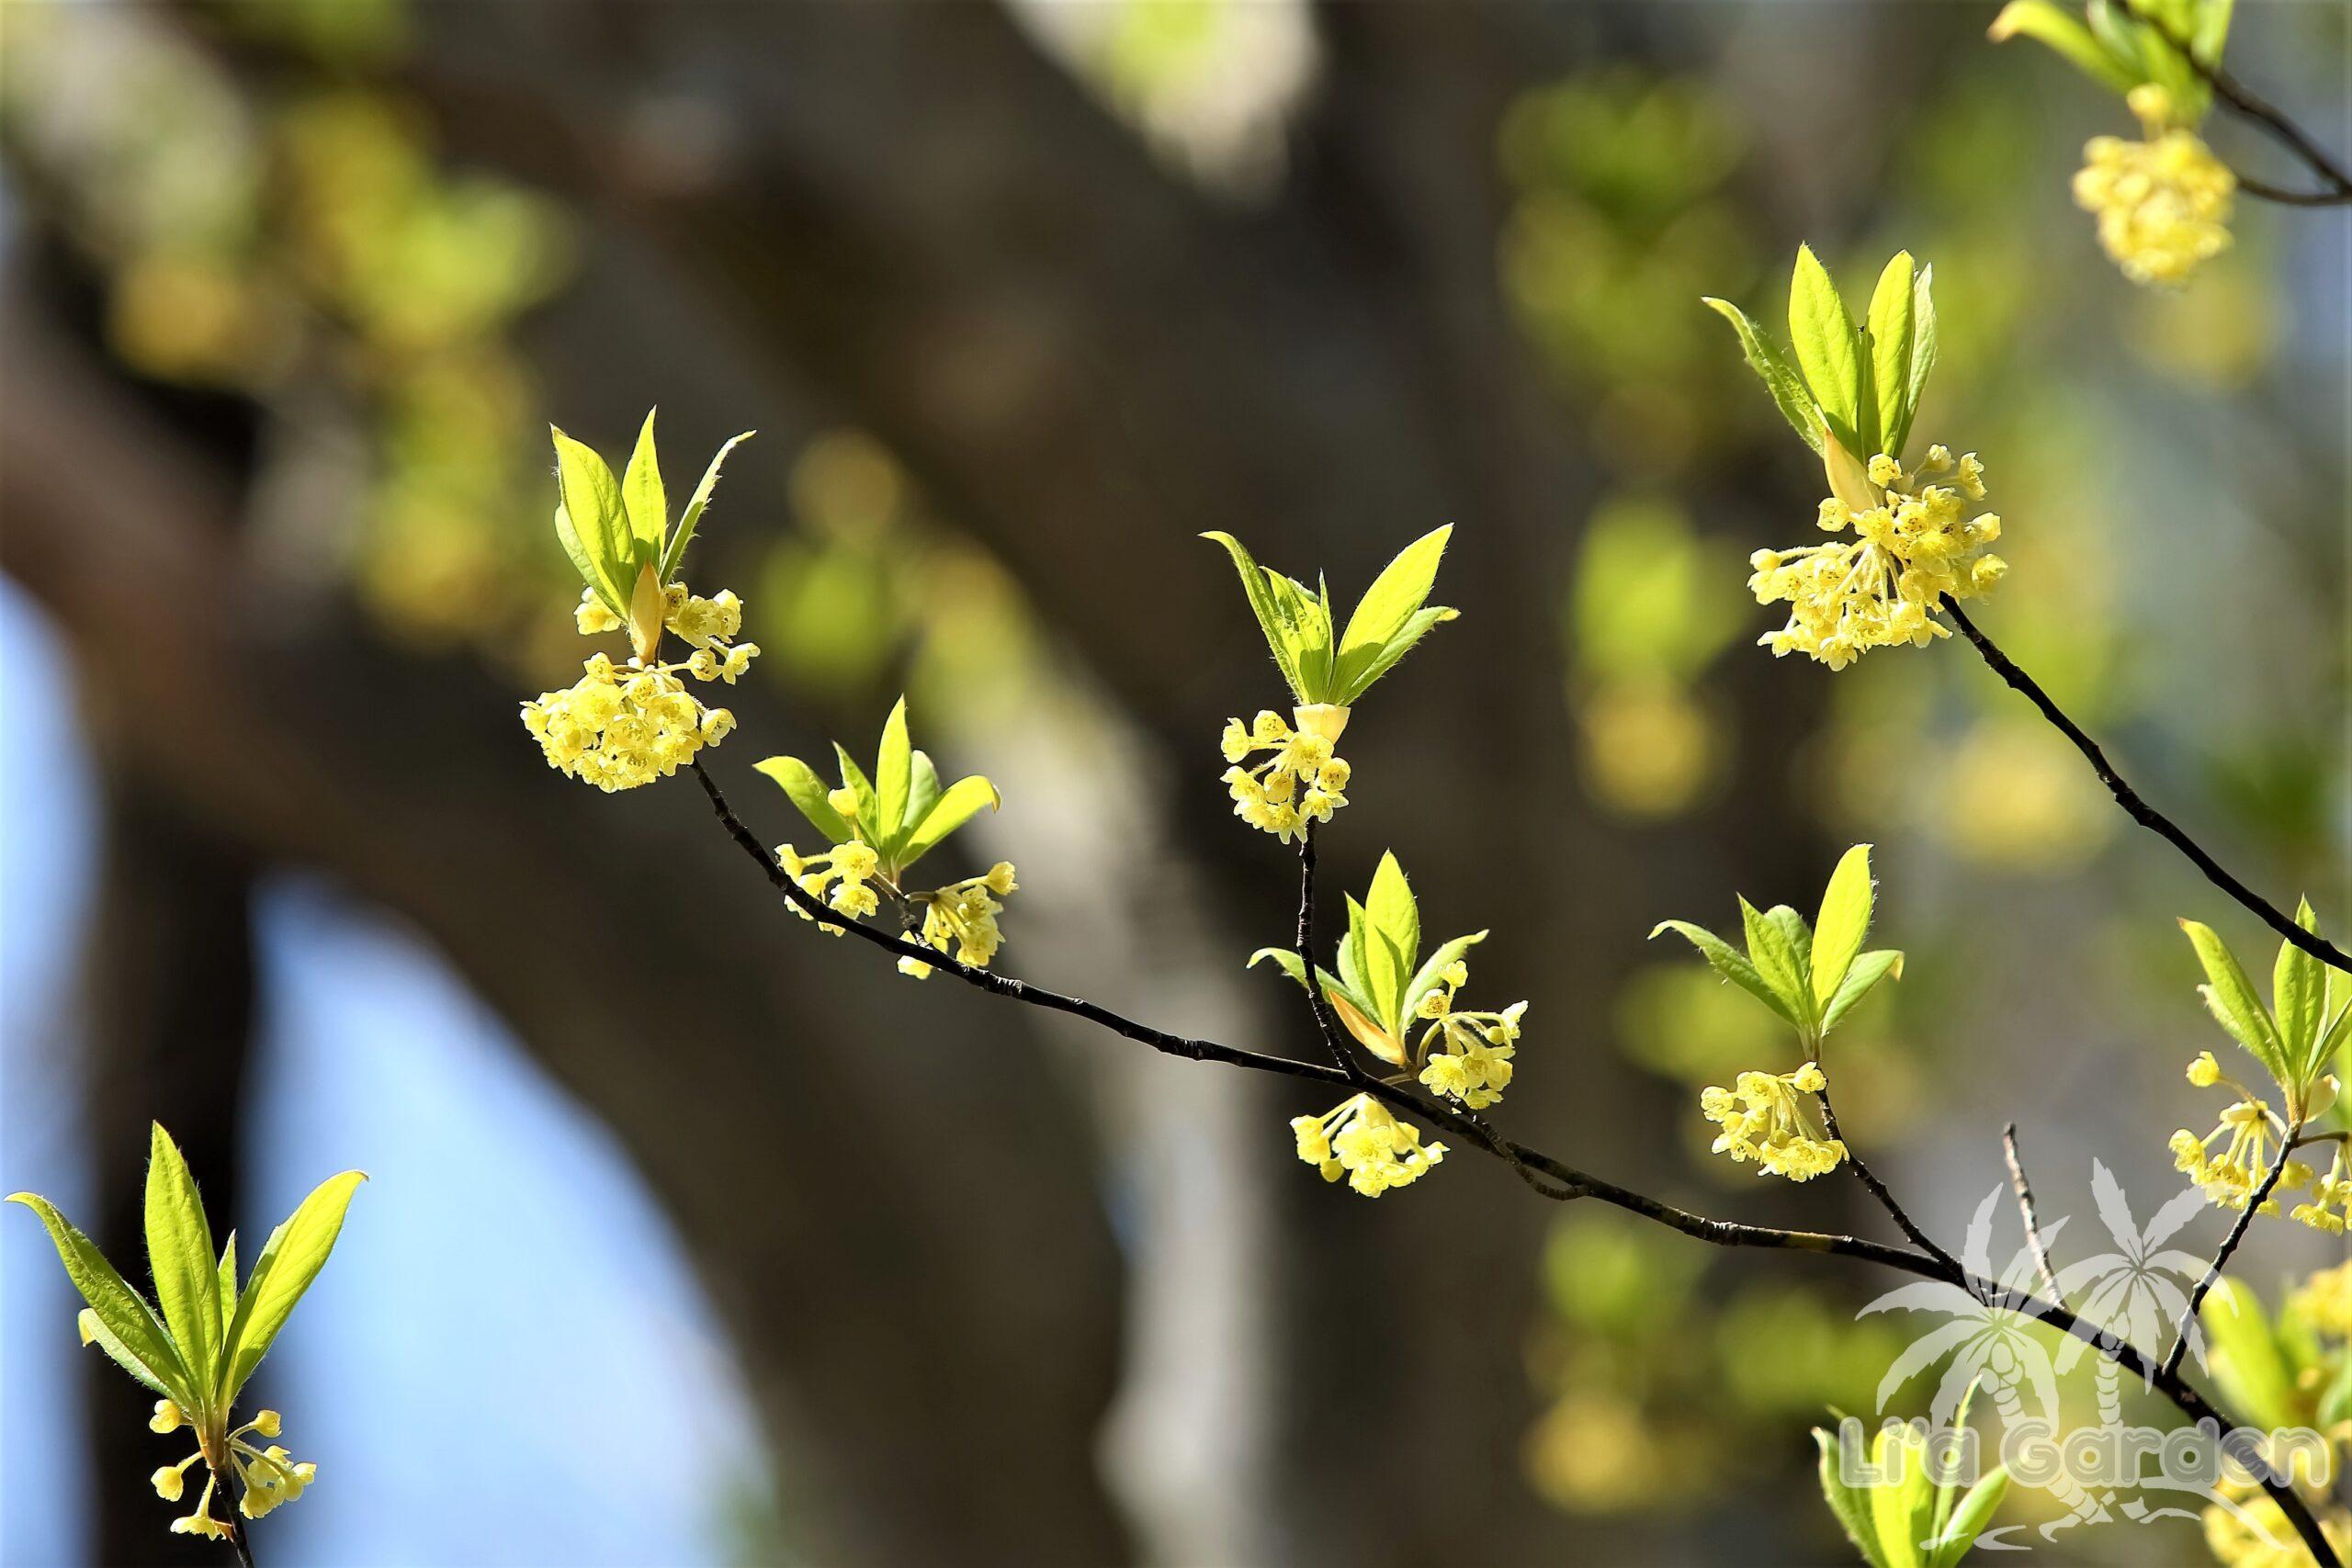 【中木】 クロモジ Lindera umbellata 〈落葉広葉樹〉